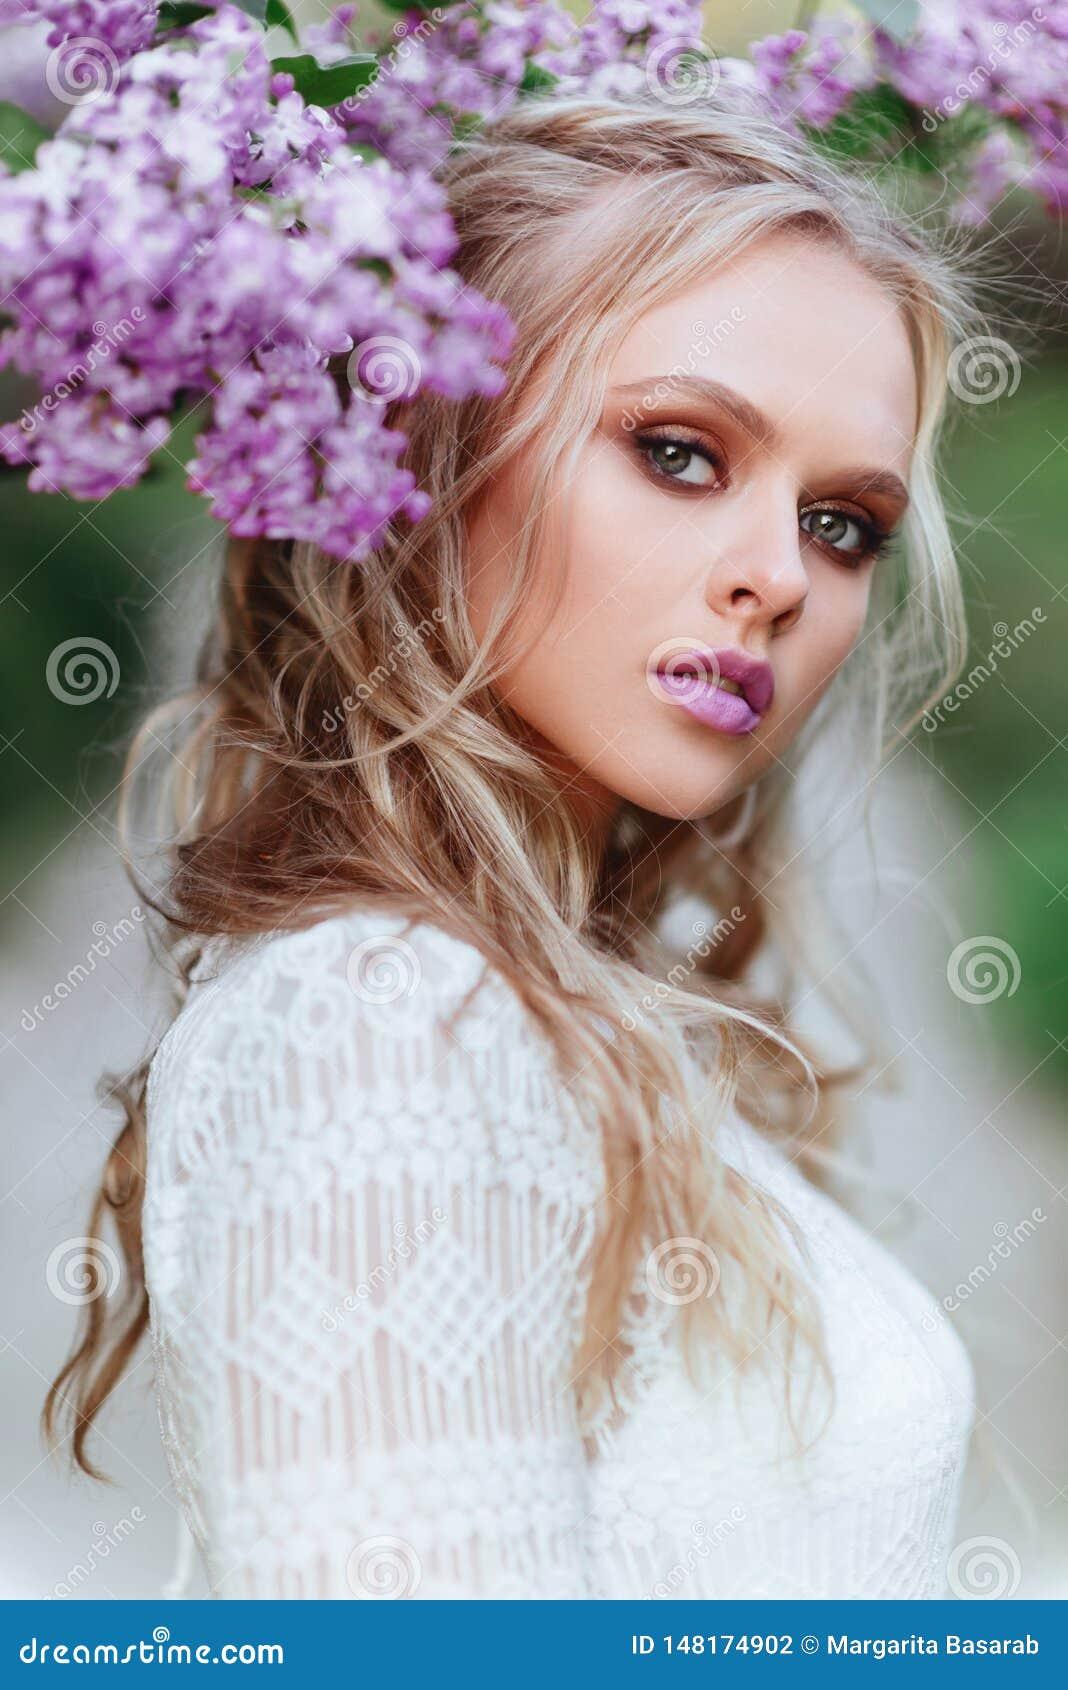 Den h?rliga kvinnan som tycker om lilatr?dg?rden, den unga kvinnan med blommor i gr?splan, parkerar